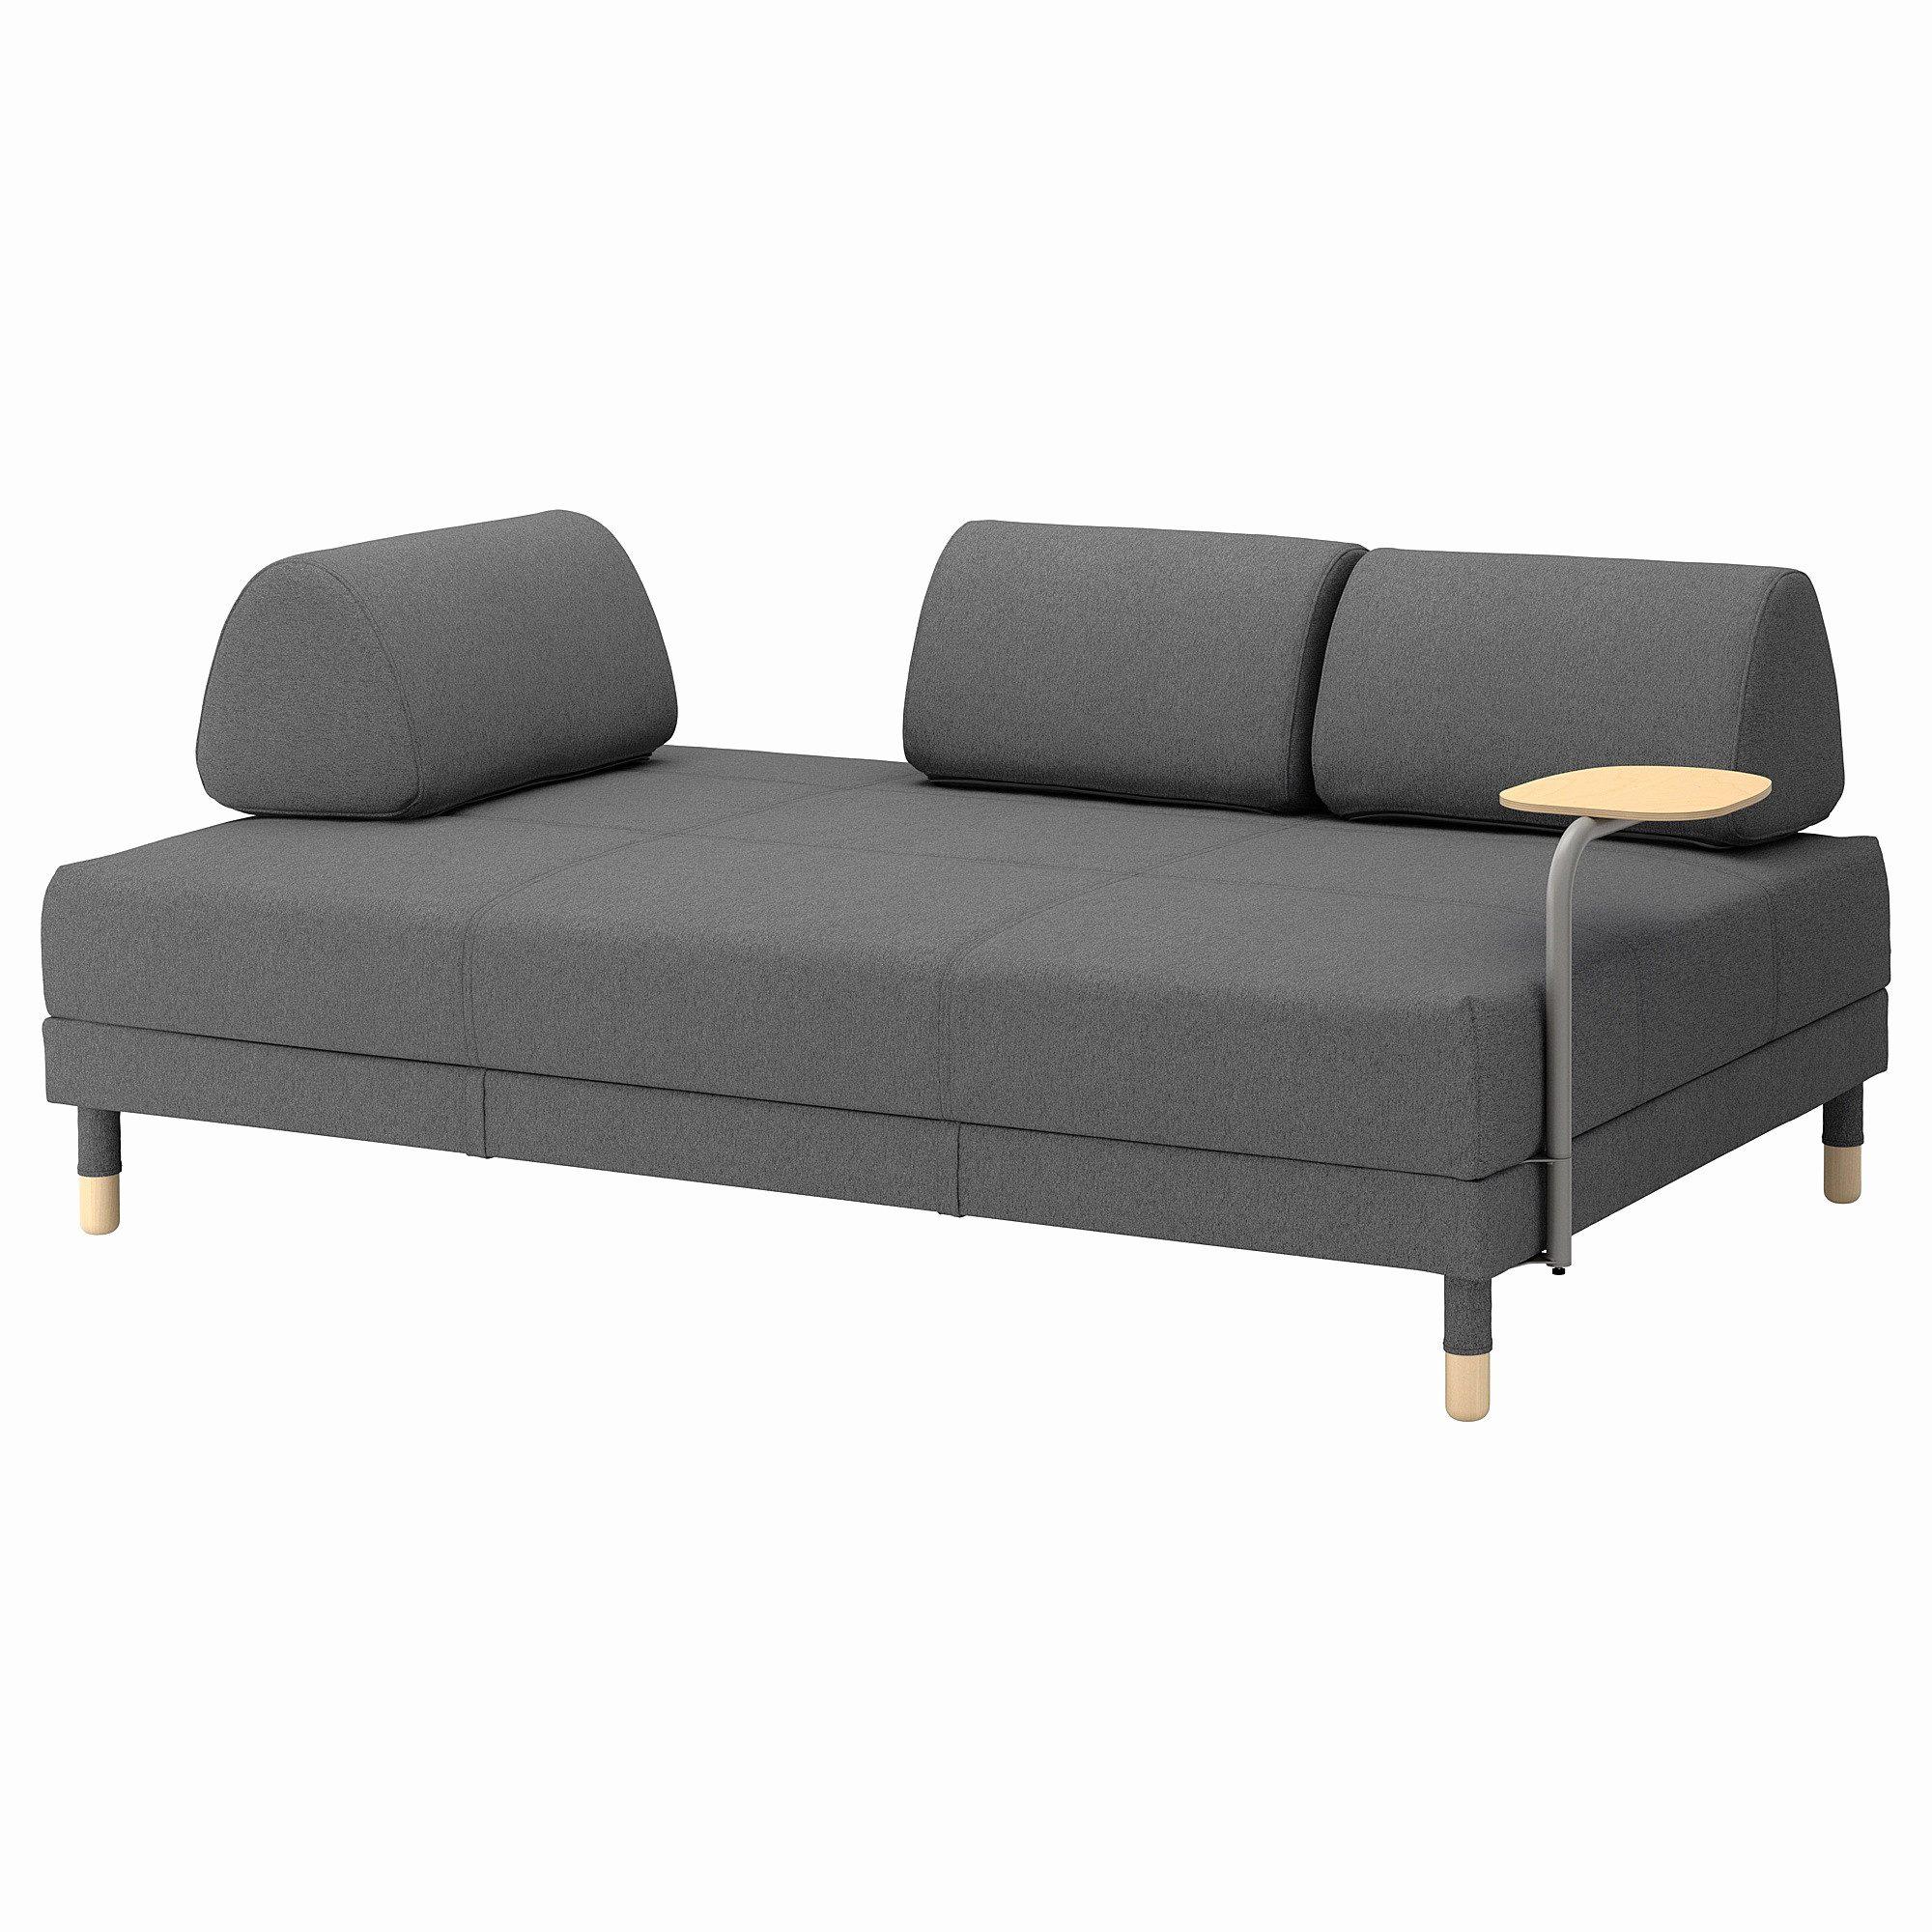 Canapé Lit Pour Dormir tous Les Jours Douce Canapé D Angle Convertible Moderne source D Inspiration Mod¨le